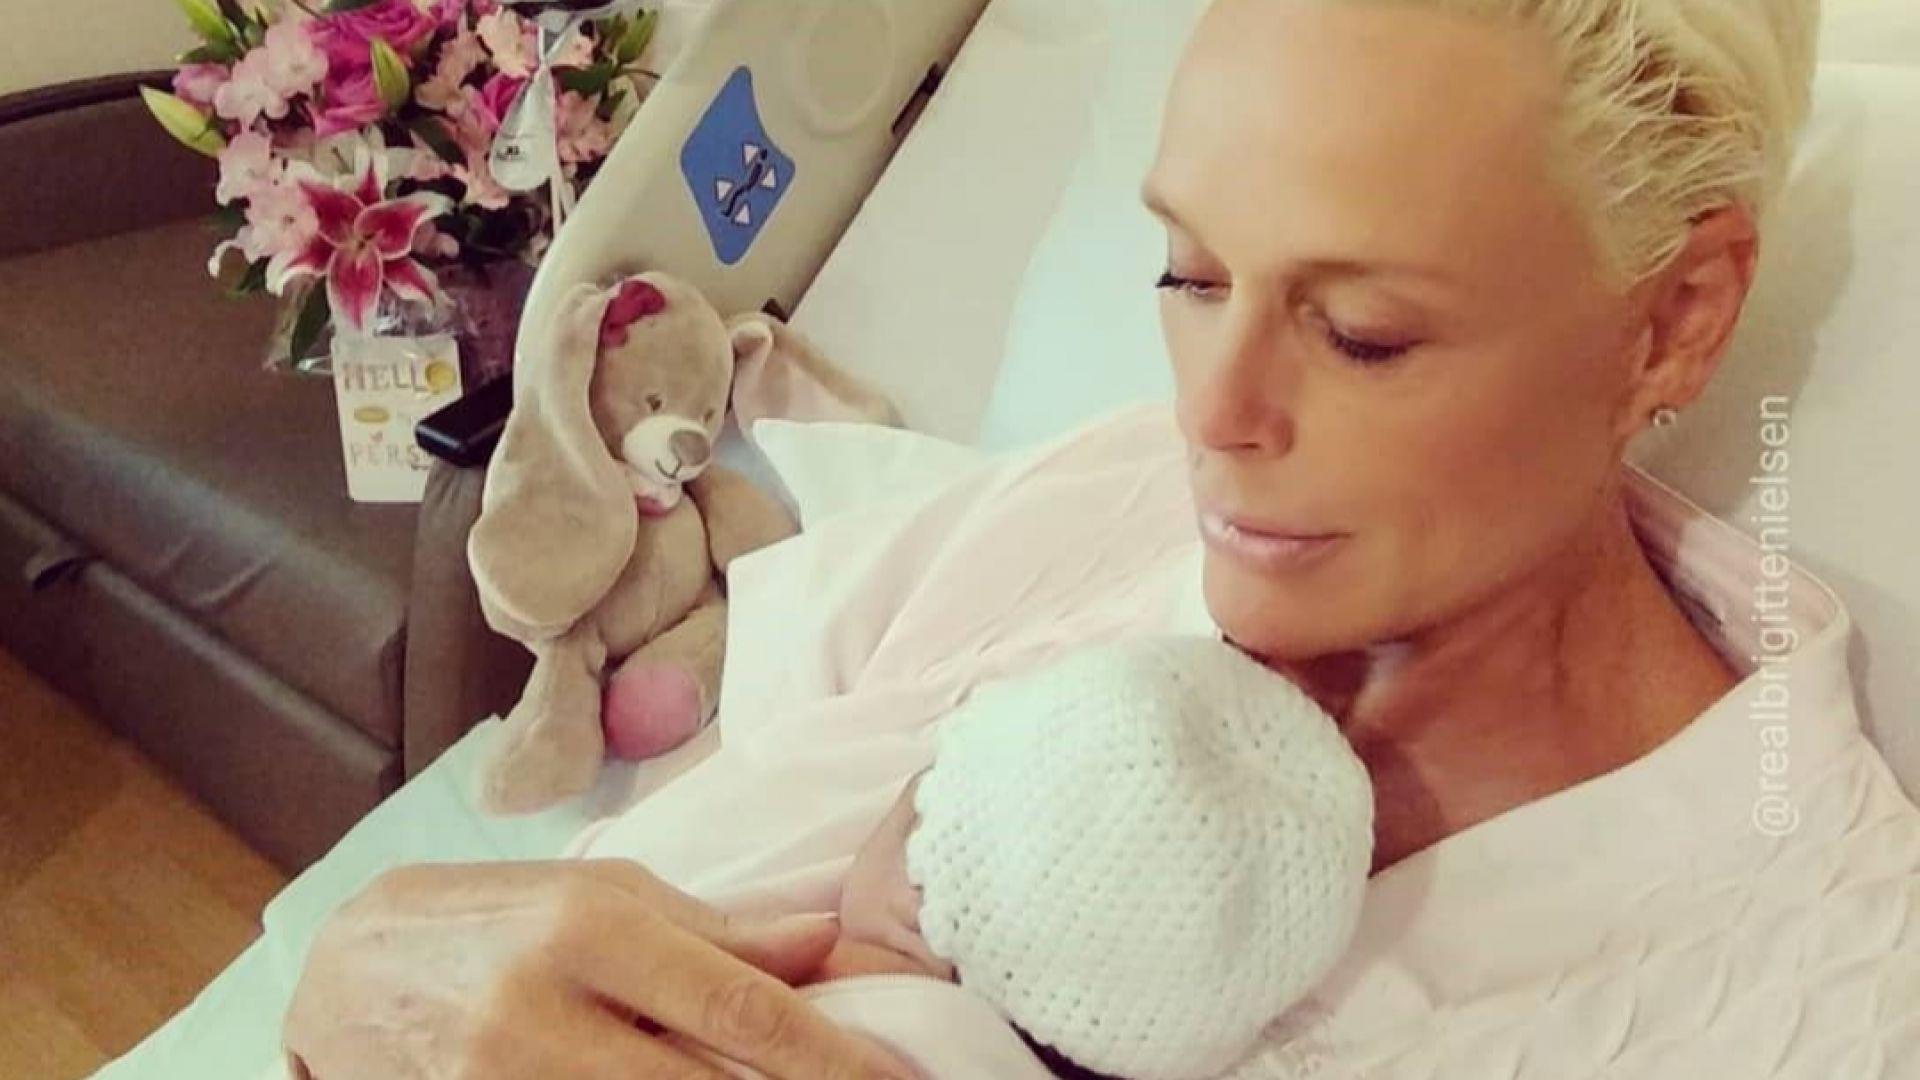 Бригите Нилсен показа новородената си дъщеря